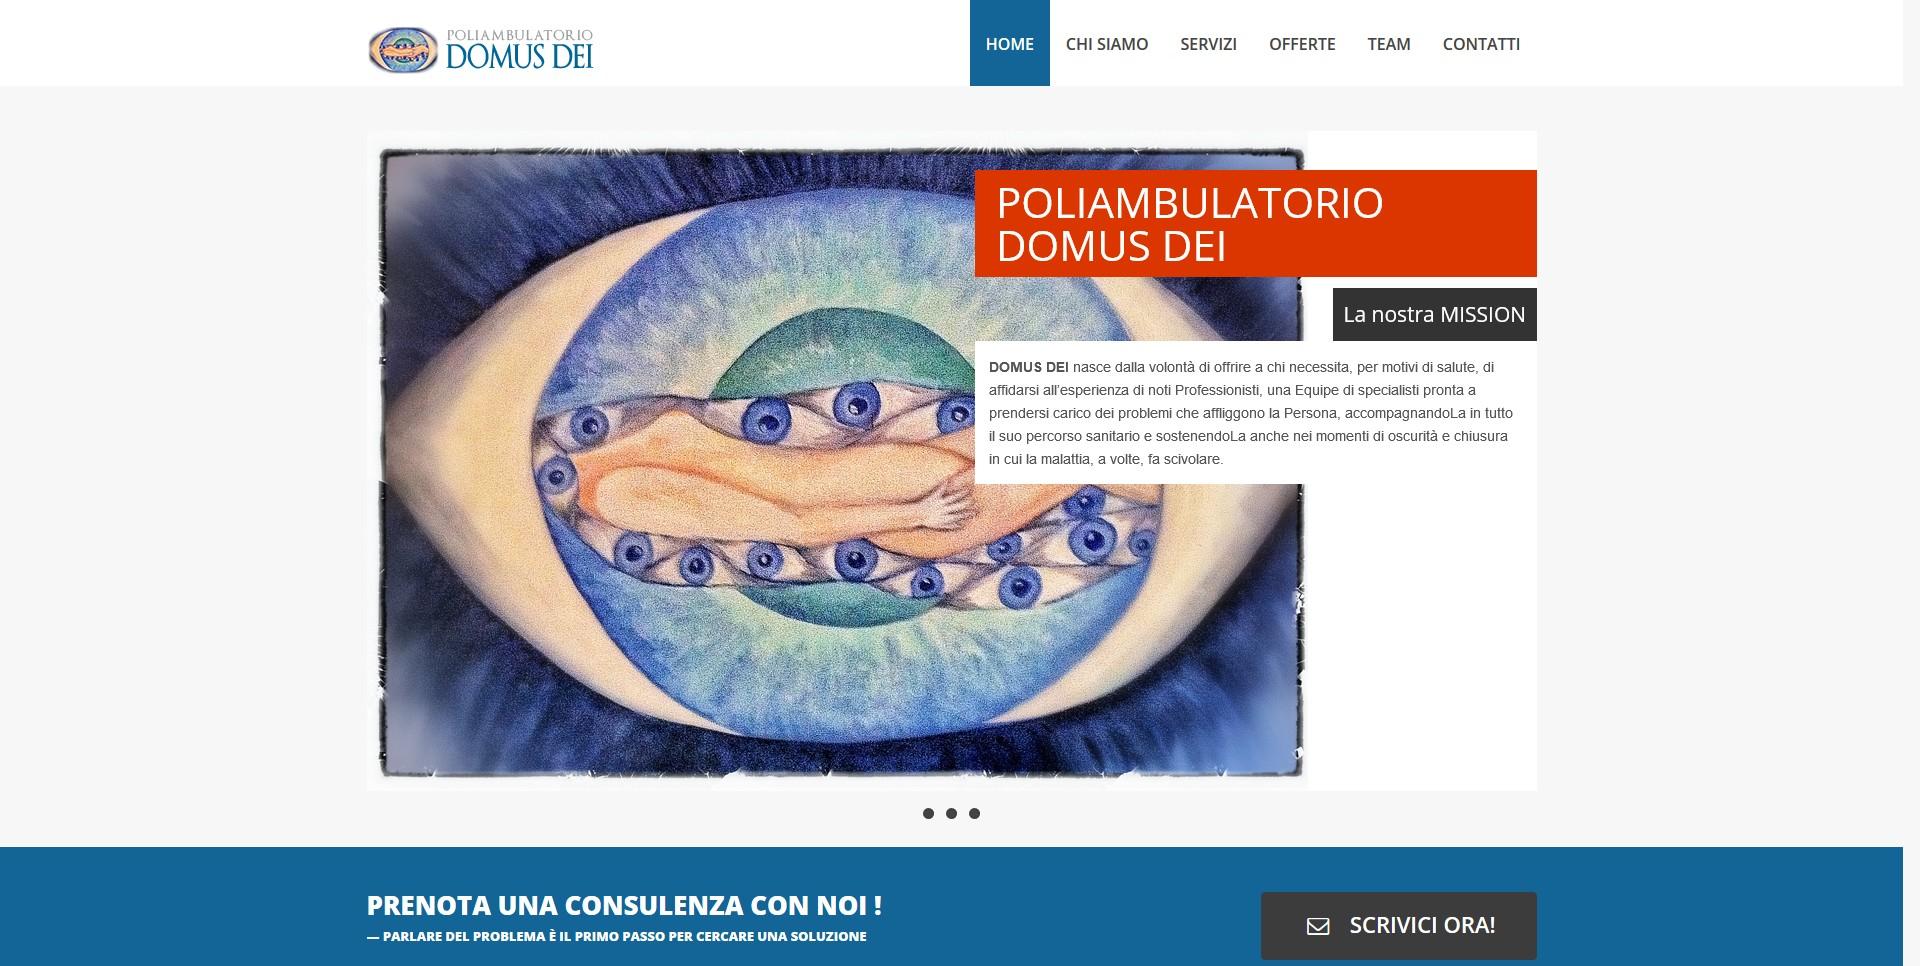 Poliambulatorio Domus Dei